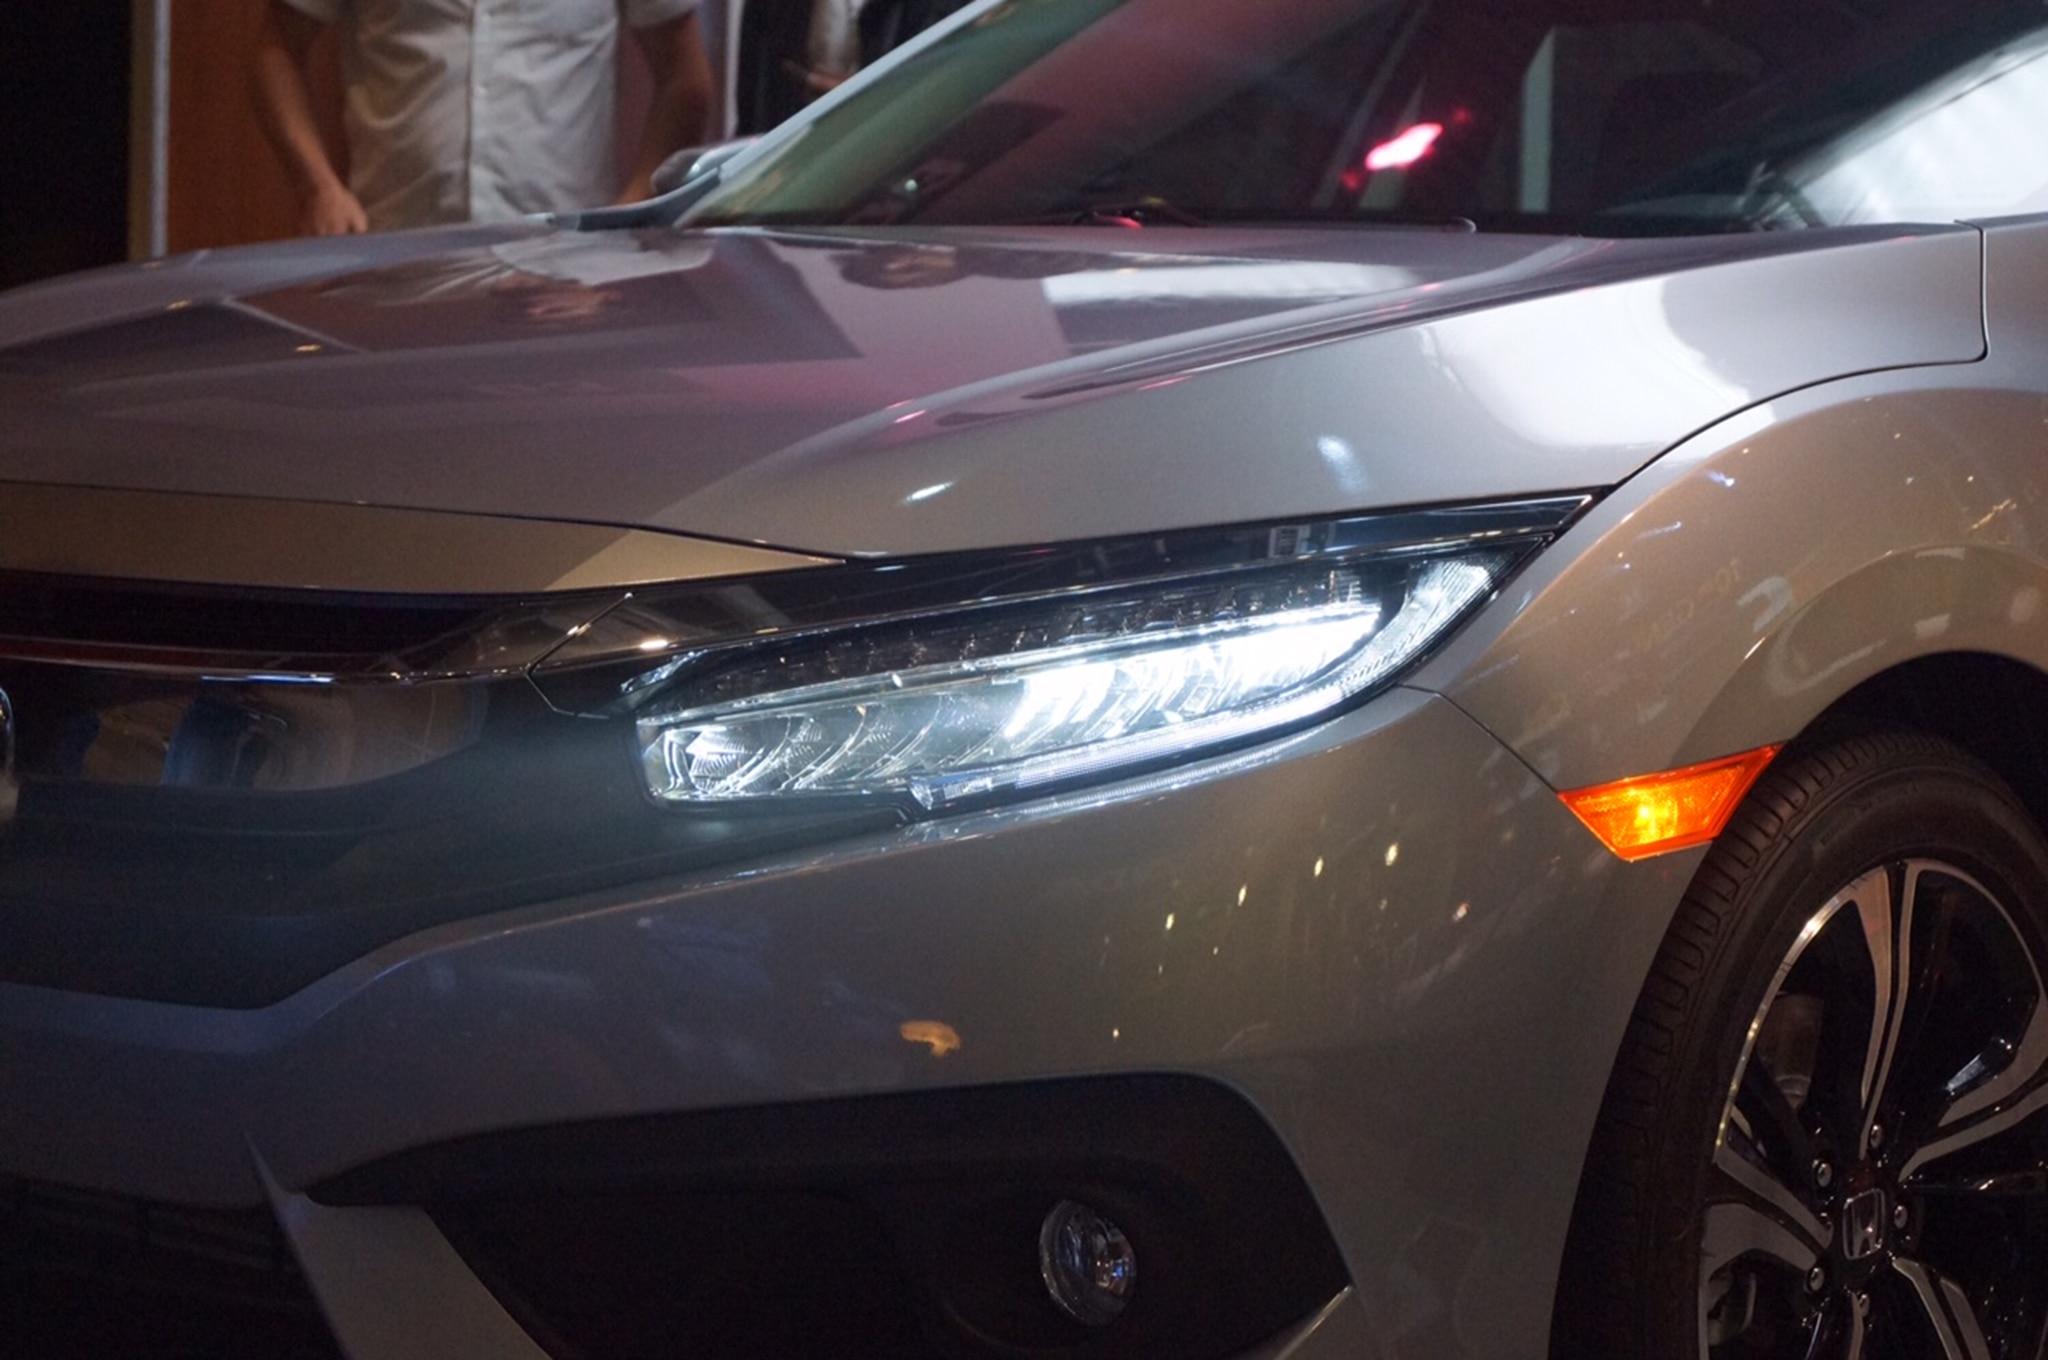 2016 honda civic sedan revealed with sharper design. Black Bedroom Furniture Sets. Home Design Ideas